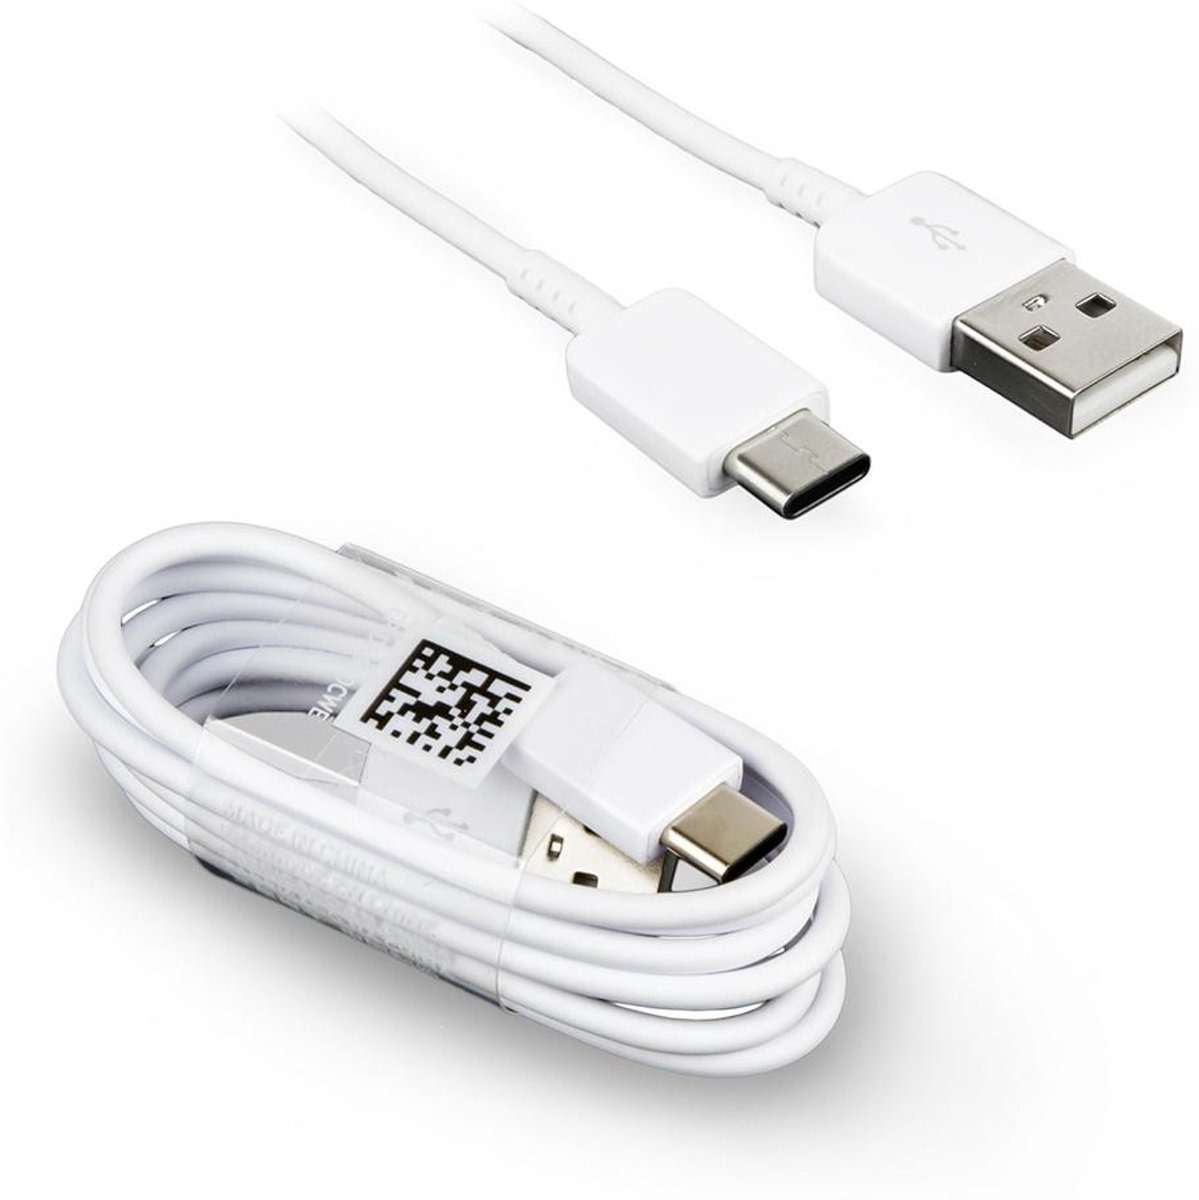 Samsung USB TYPE-C kabel wit origineel 1.2 meter kopen